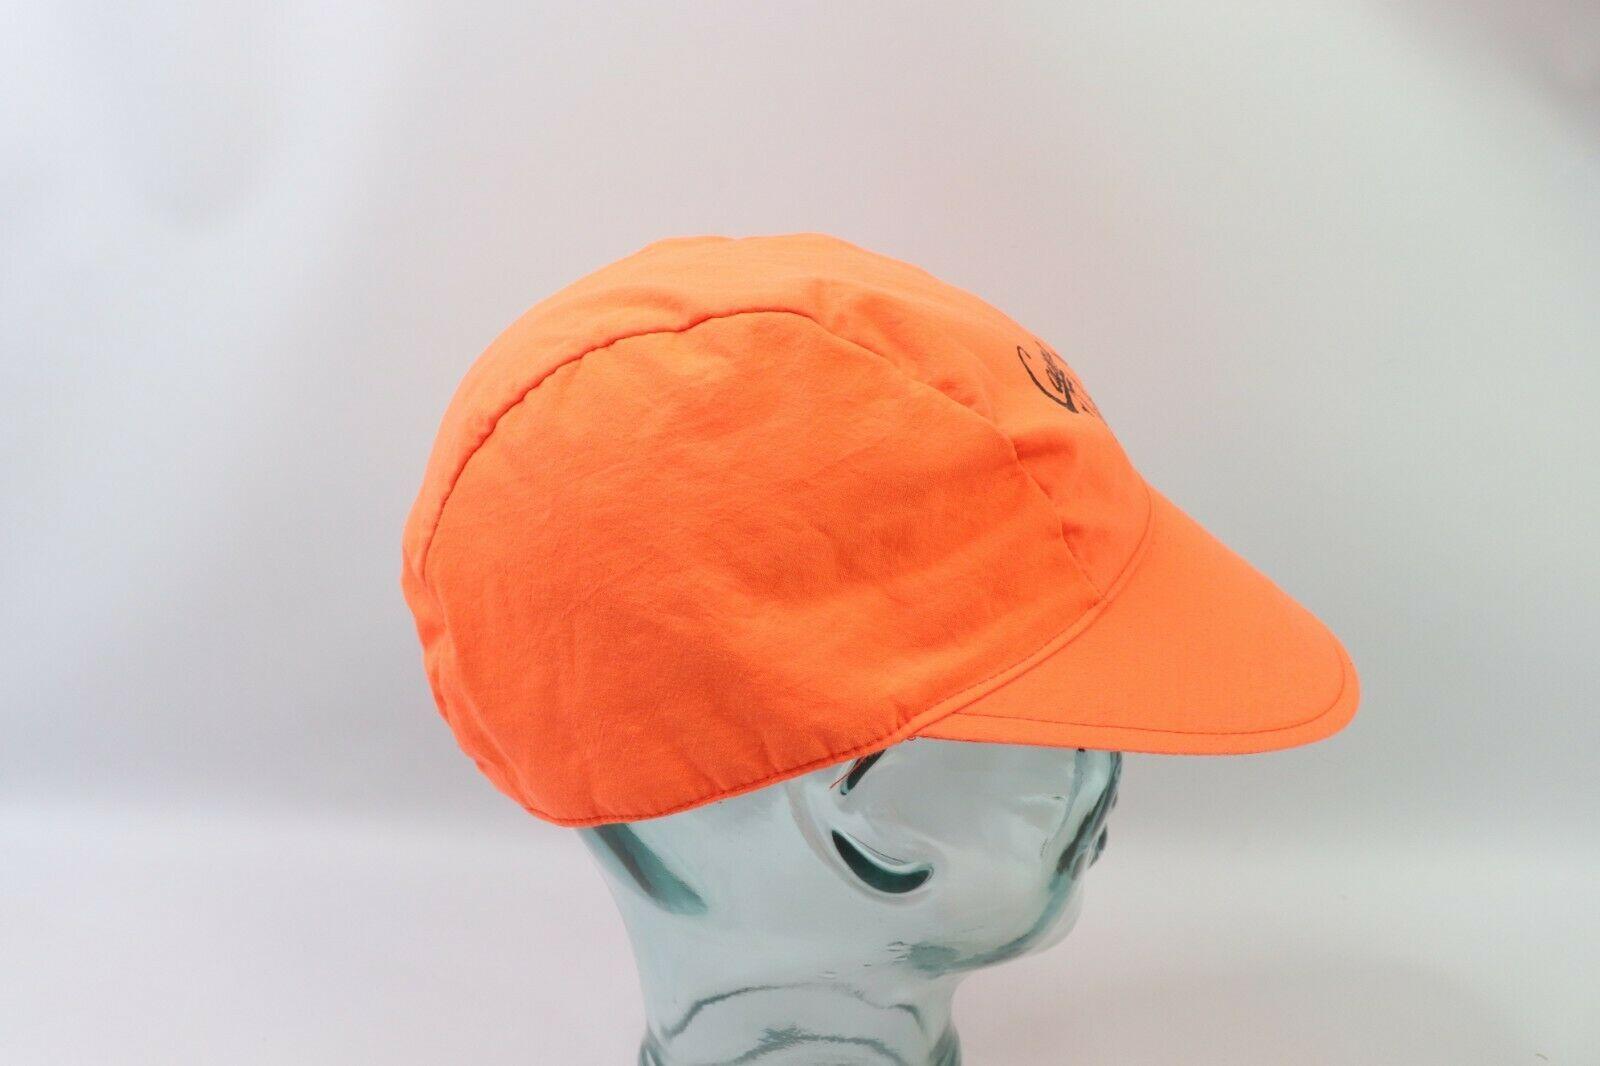 Vtg 90s Cayman Islands Spell Out Adjustable 3 Panel Floppy Brim Hat Neon Orange image 4